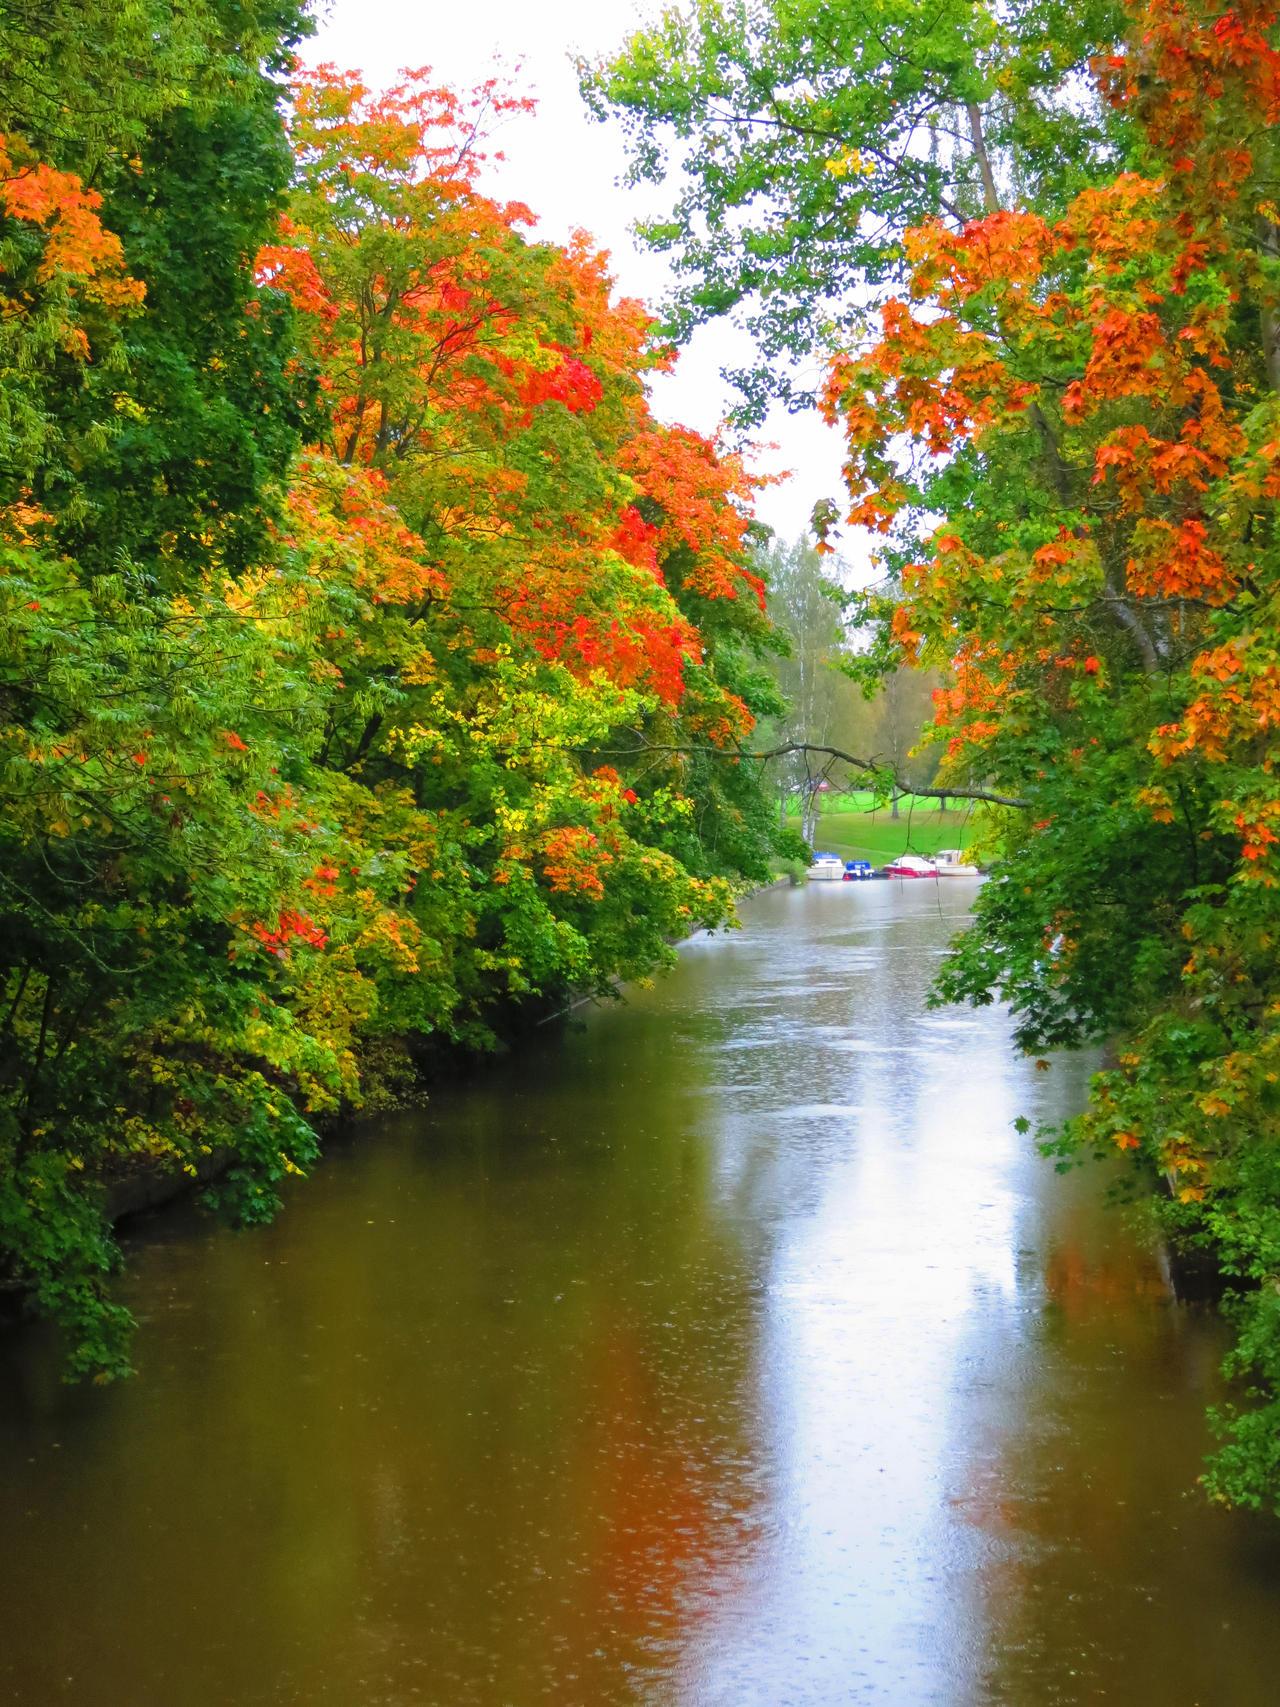 autumn river by princessAtet